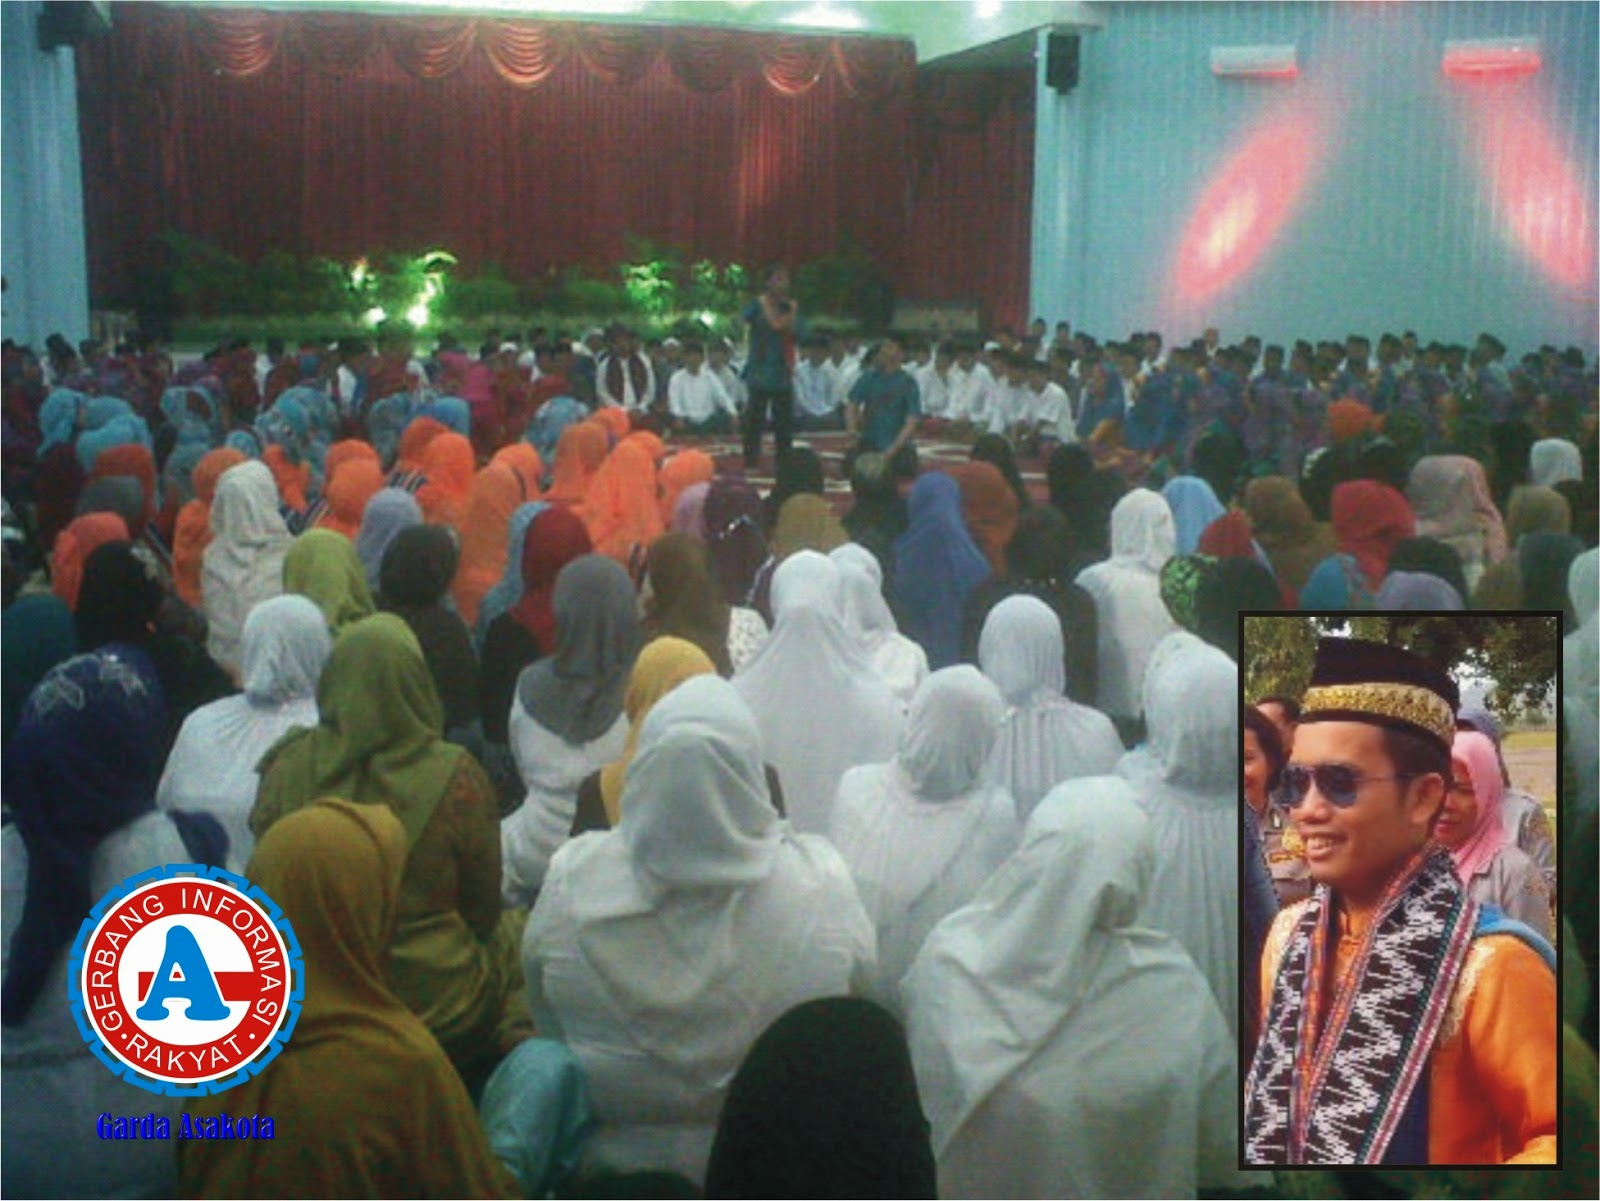 Sambut HUT ke-12 Kota Bima, Walikota Hadirkan Ustadz Maulana